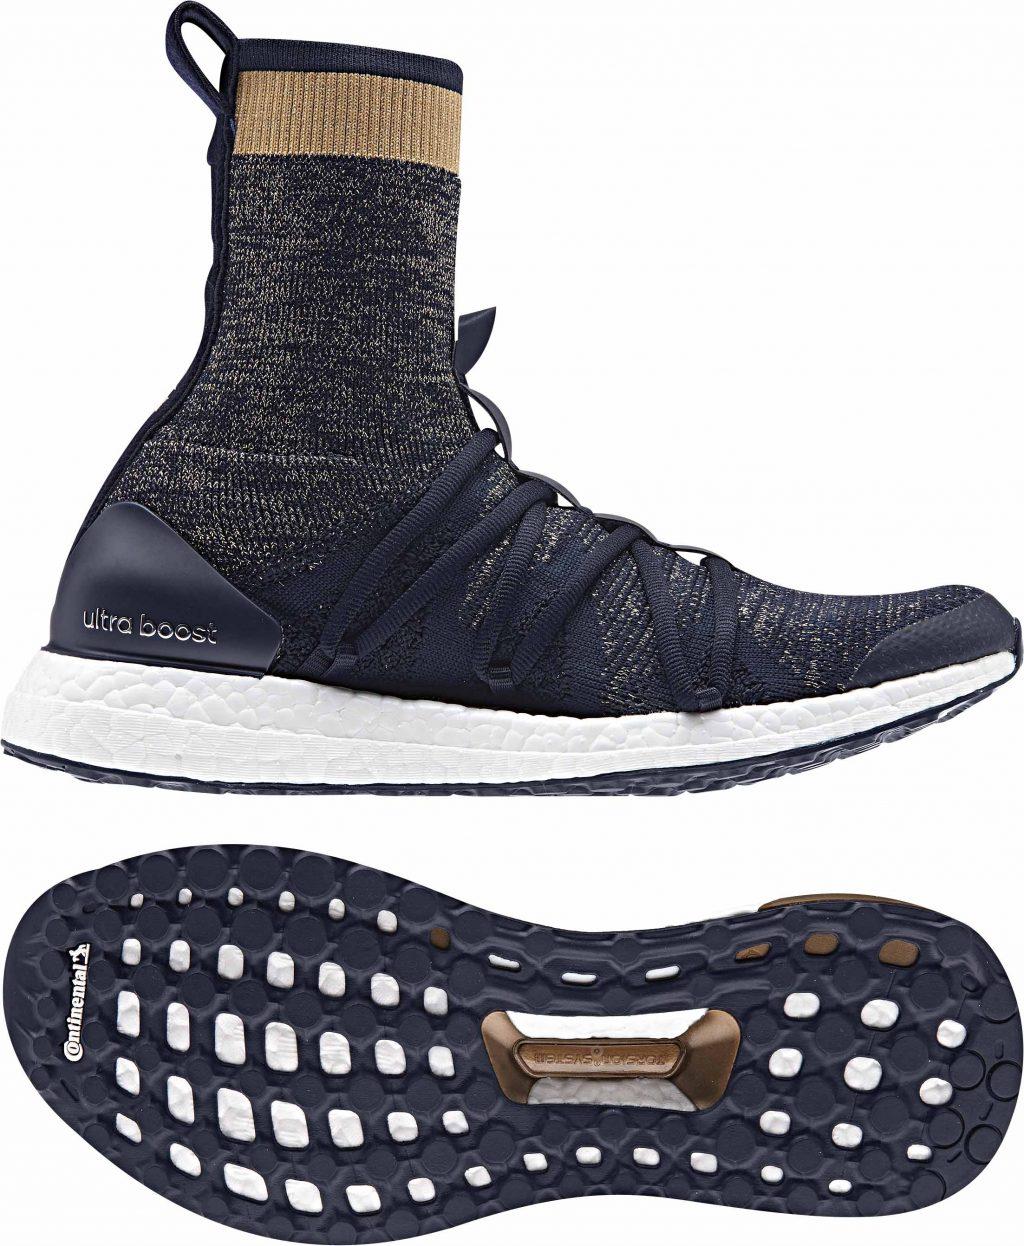 Adidas by Stella McCartney dezvăluie colecția toamnă/iarnă 2017: creată pentru un antrenament creativ